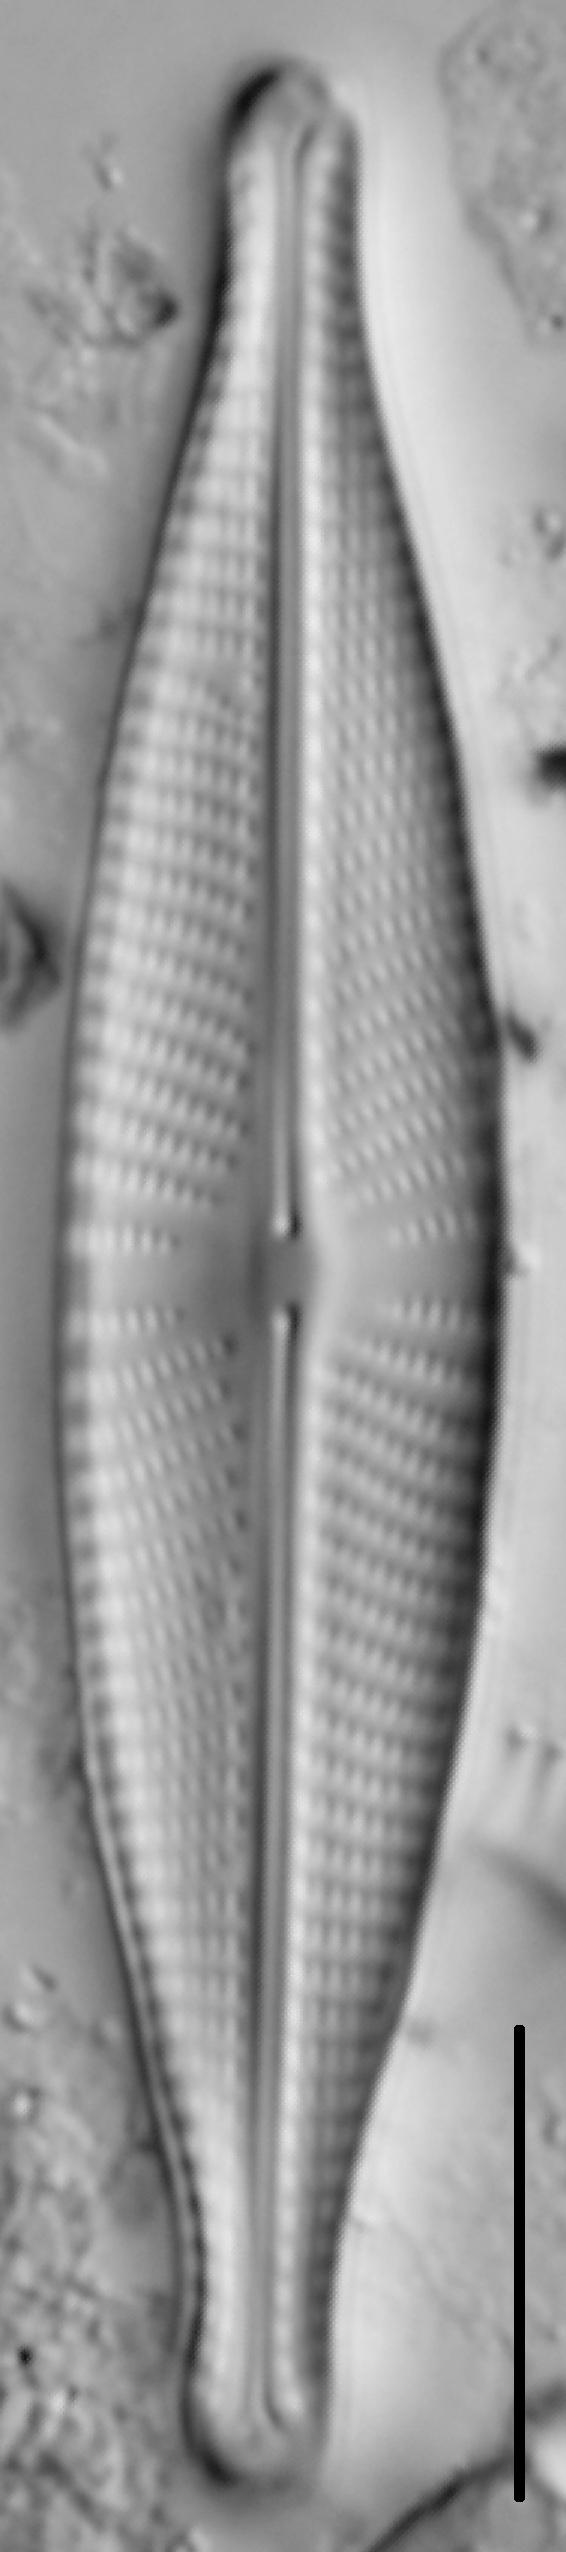 Navicula rhynchocephala LM2